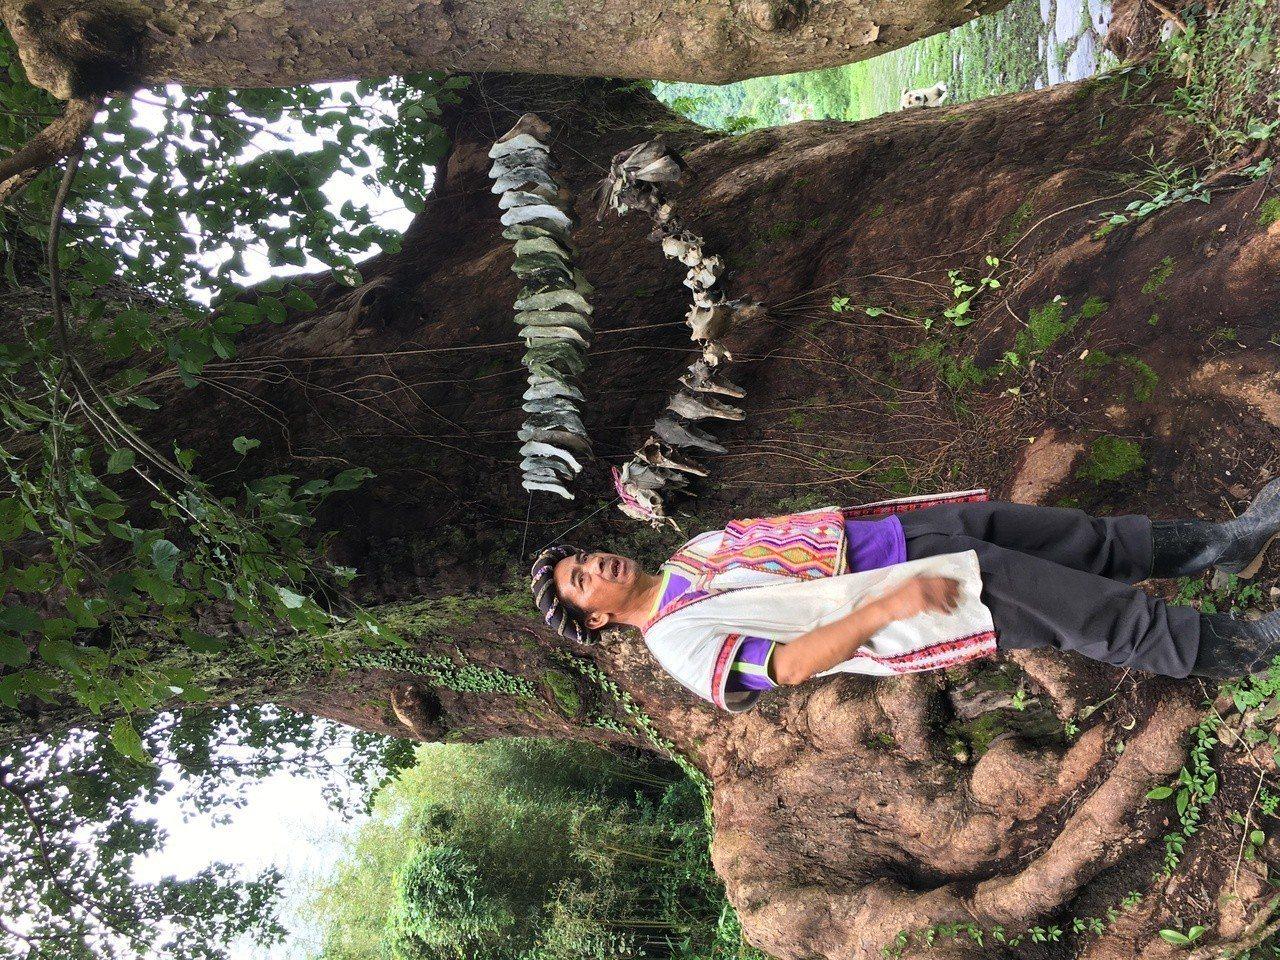 部落旅遊是花東的一大亮點。寧靜樸實的台東永康布農部落,位在鹿野高台附近丘陵地上,...